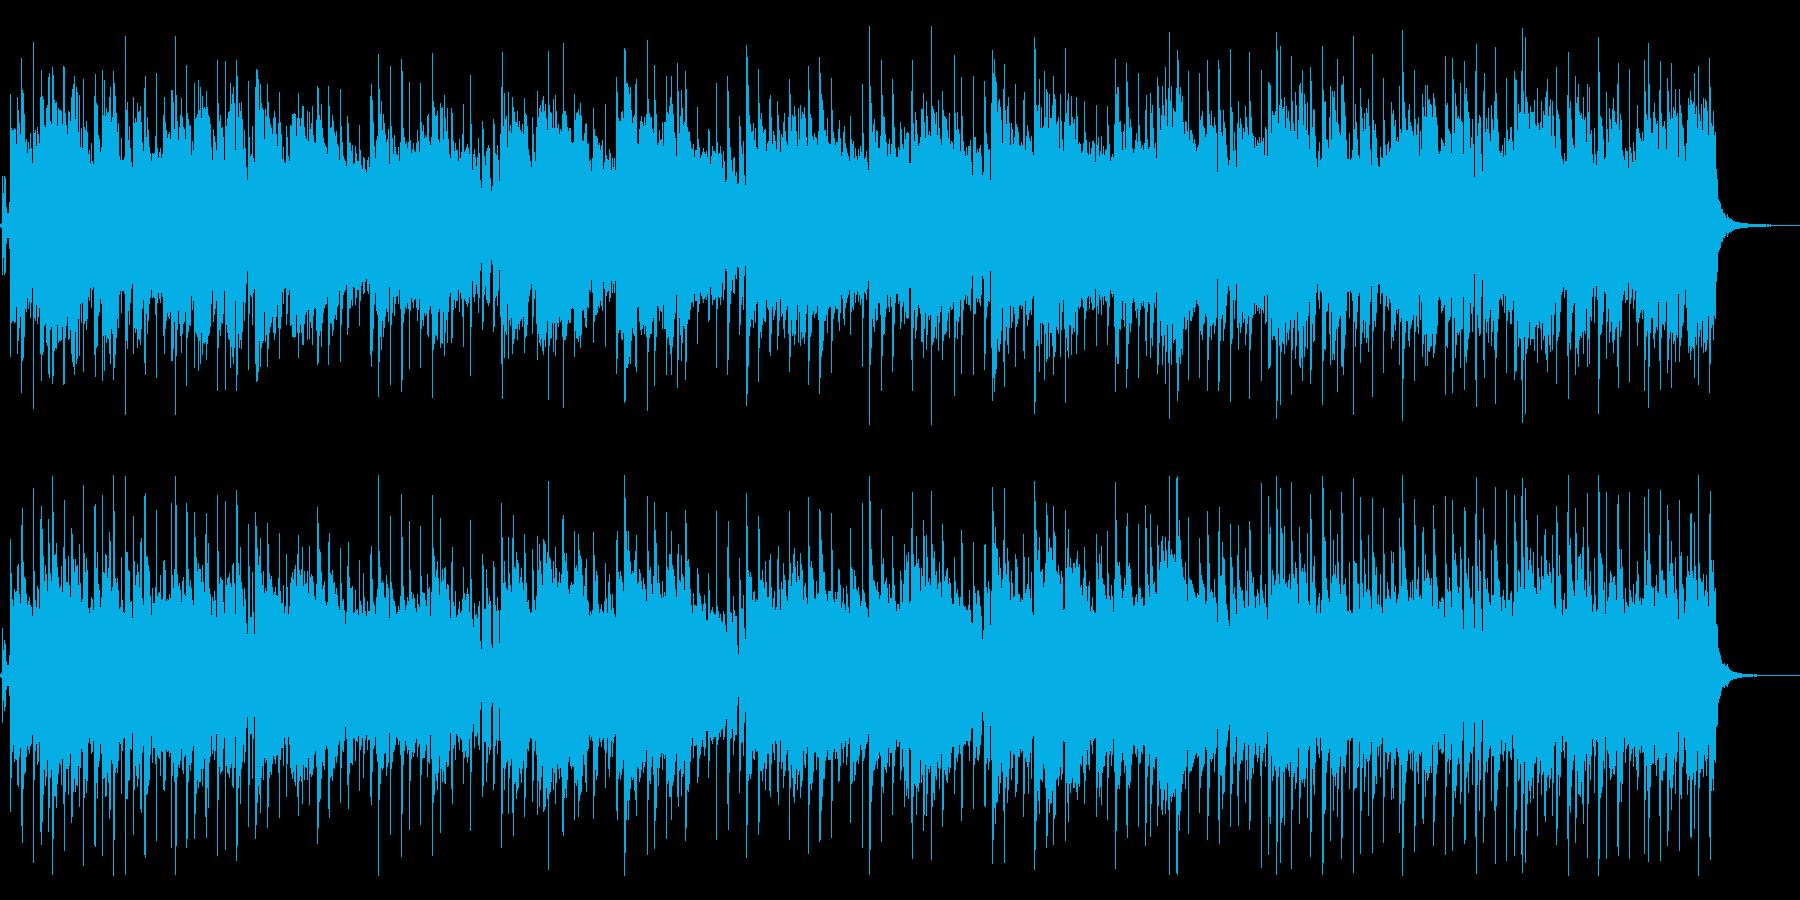 マレーシア風ポップサウンドの再生済みの波形